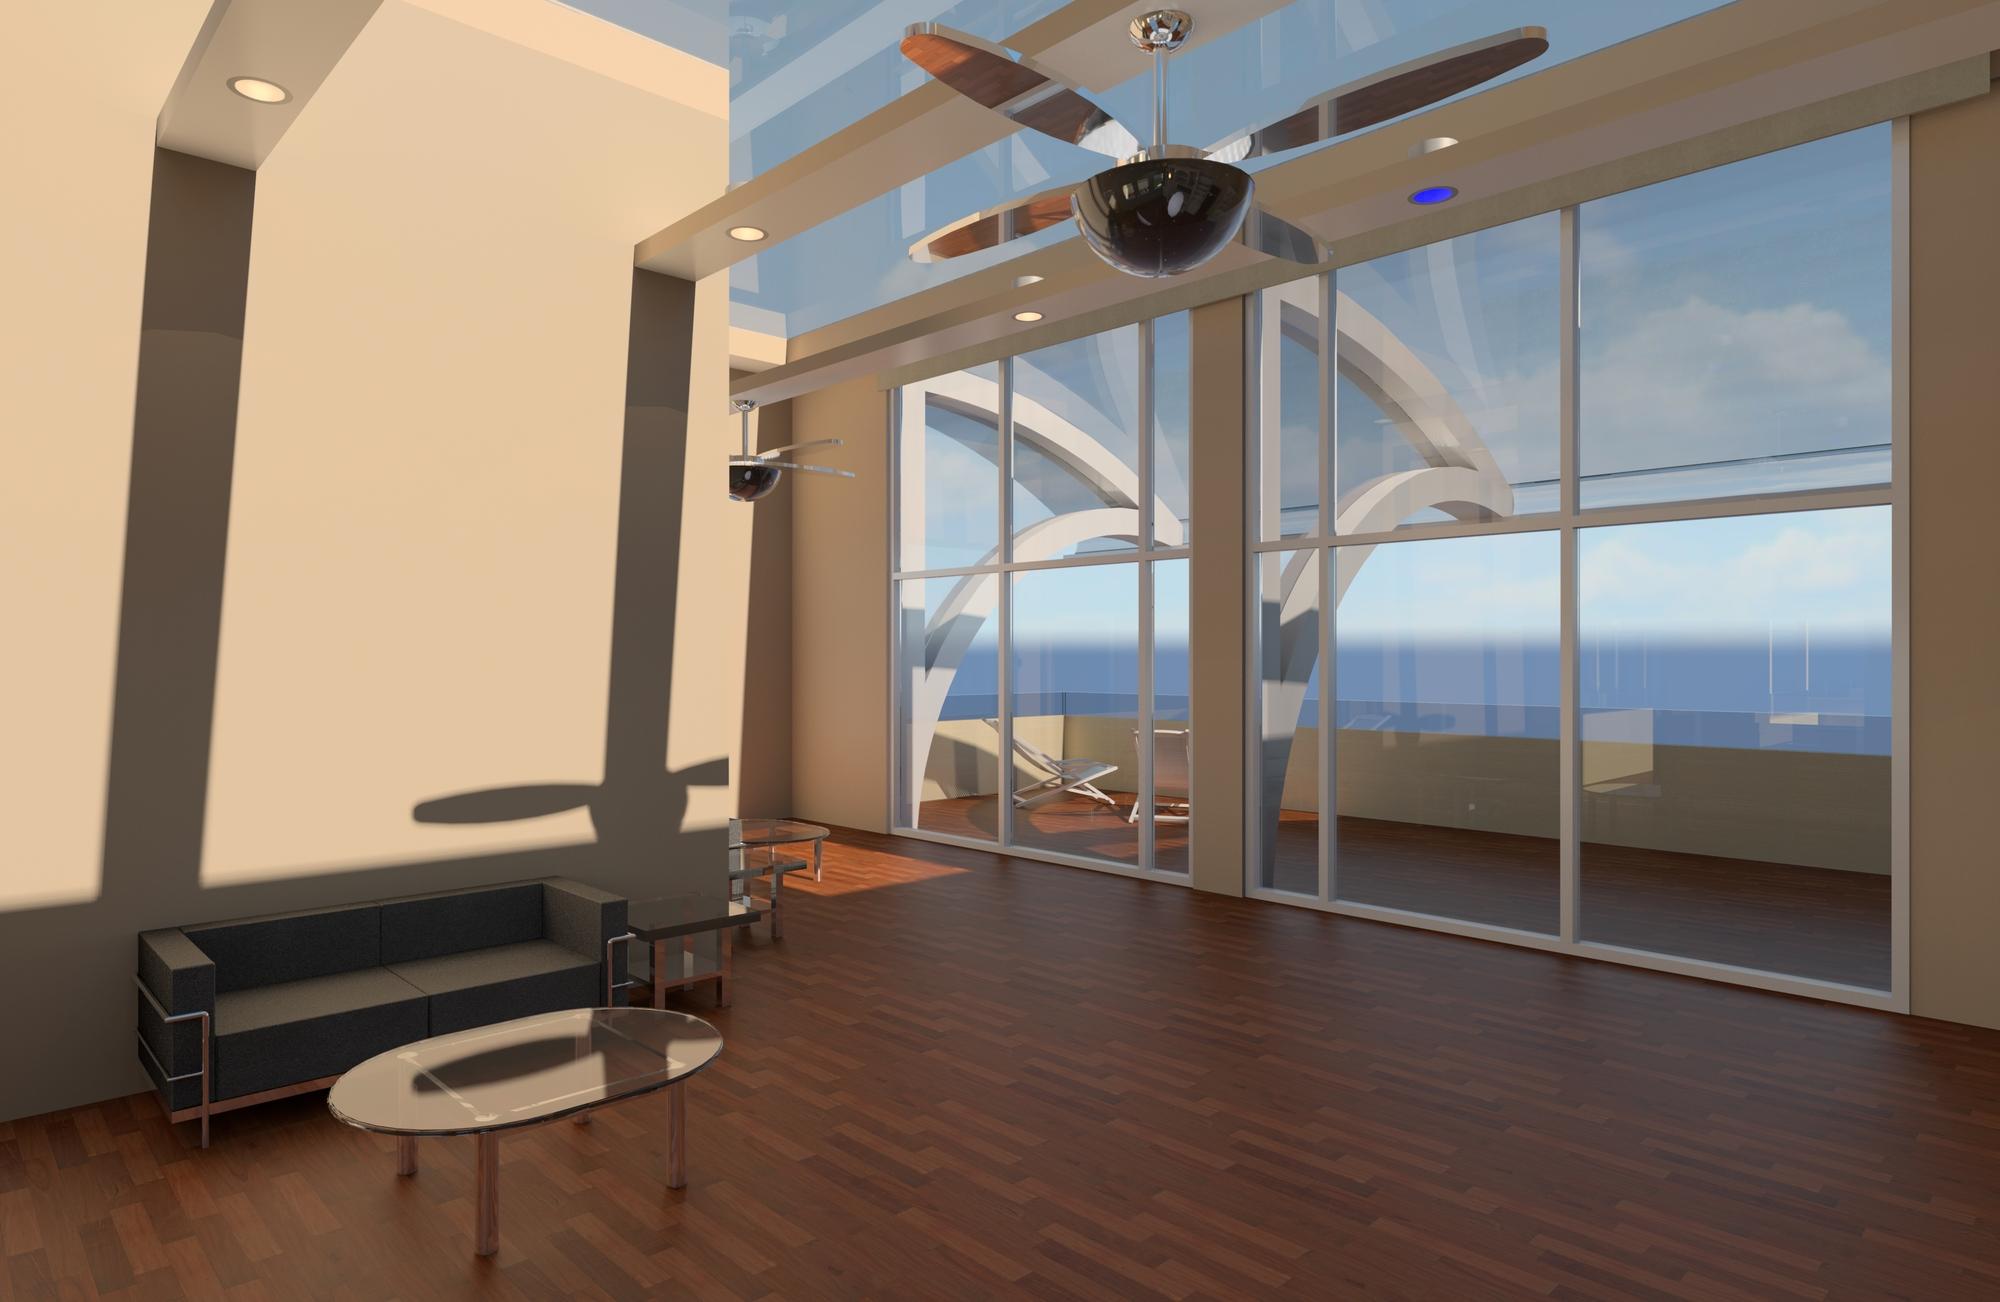 Raas-rendering20150326-2169-kwlkzo